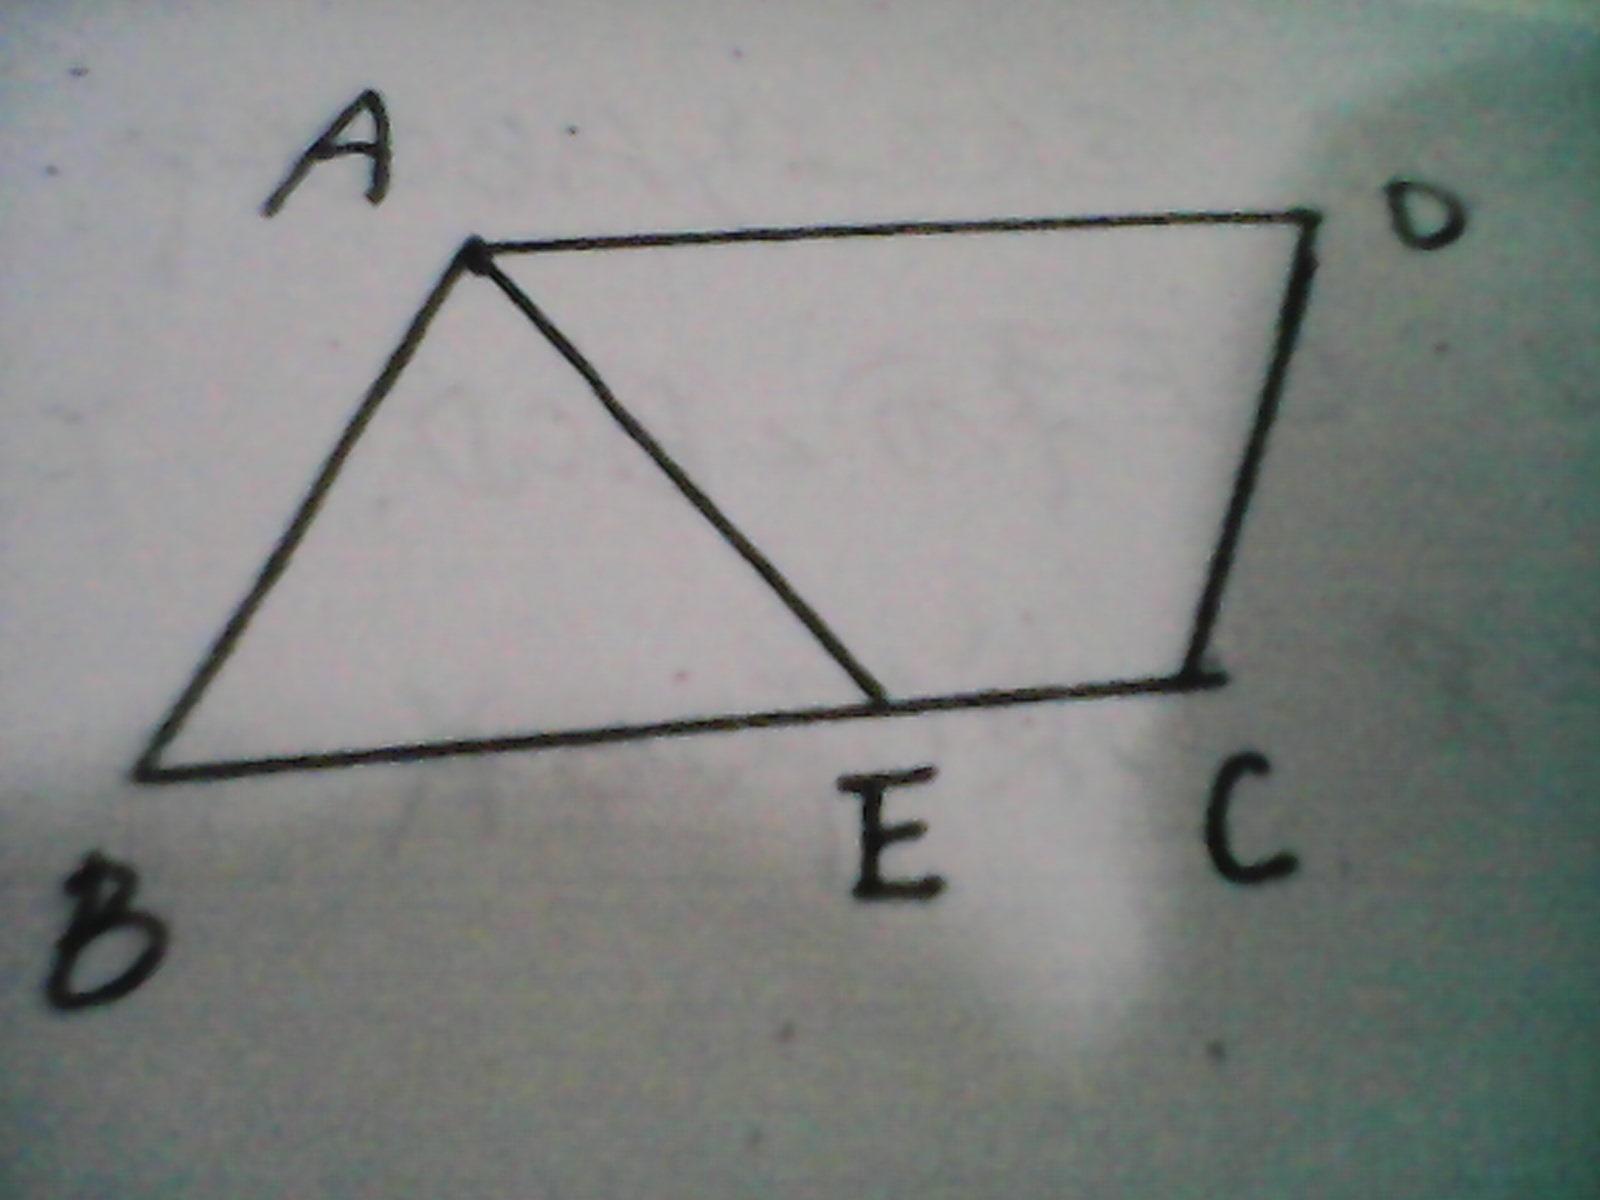 八年级下册数学几何图形题,需要详细过程.急急急,答得图片